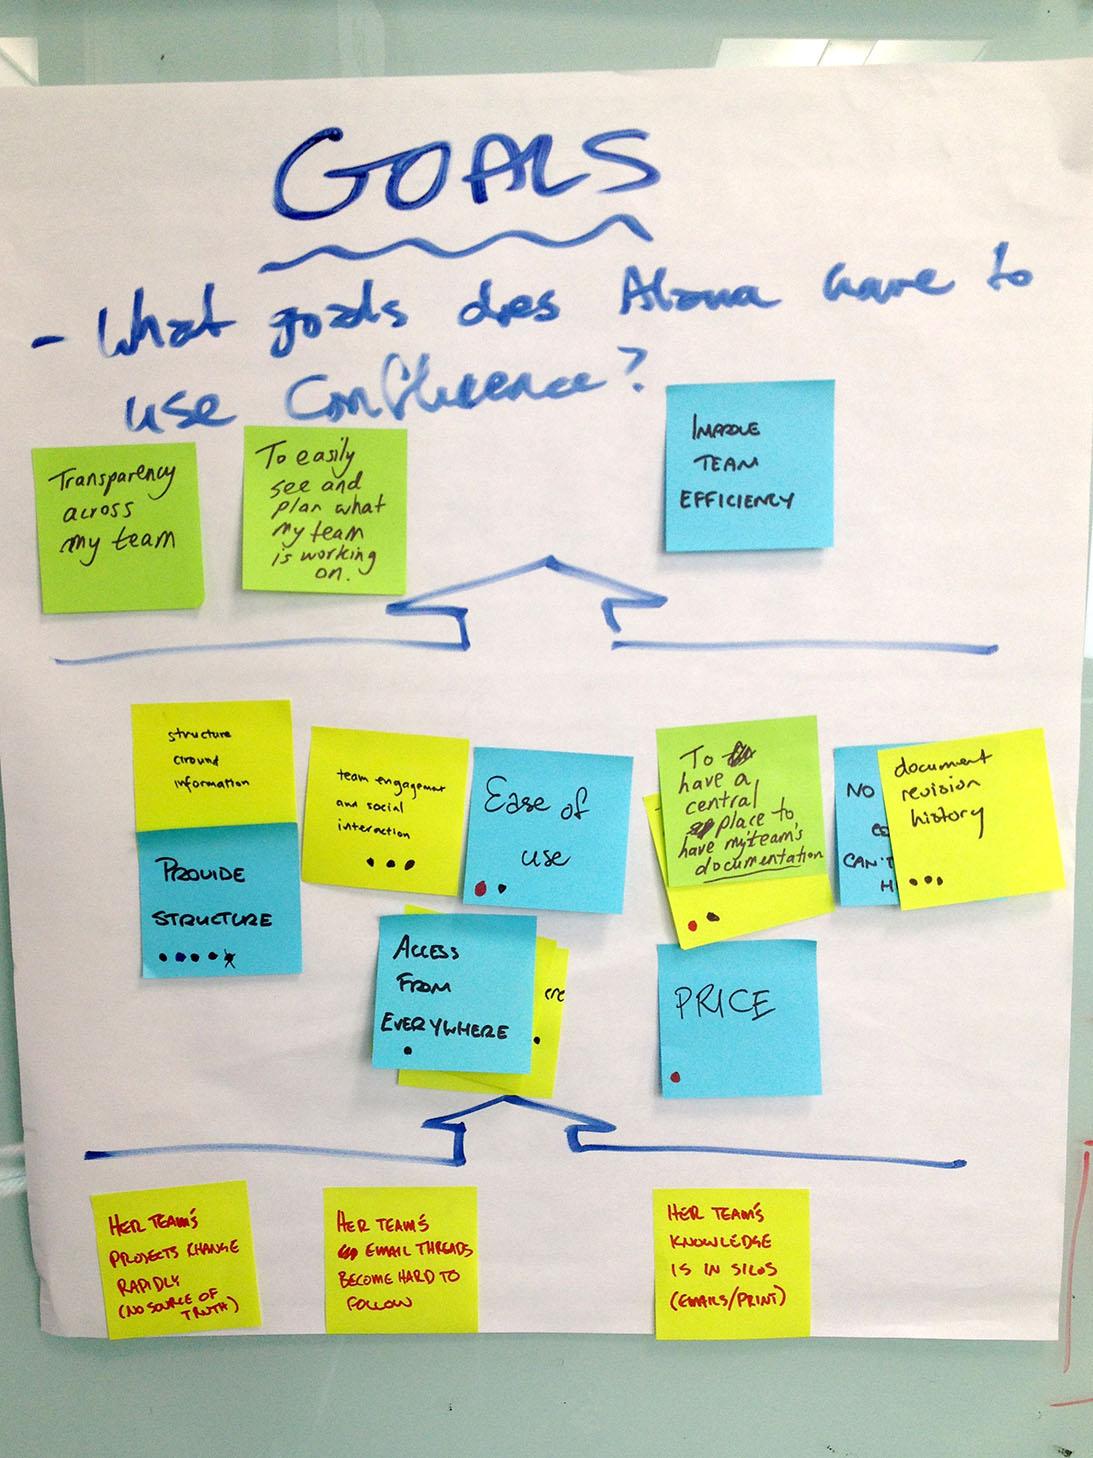 Die Hintergrundgeschichte des Benutzers zu erstellen ist ein wichtiger Bestandteil des User Journey Mapping.